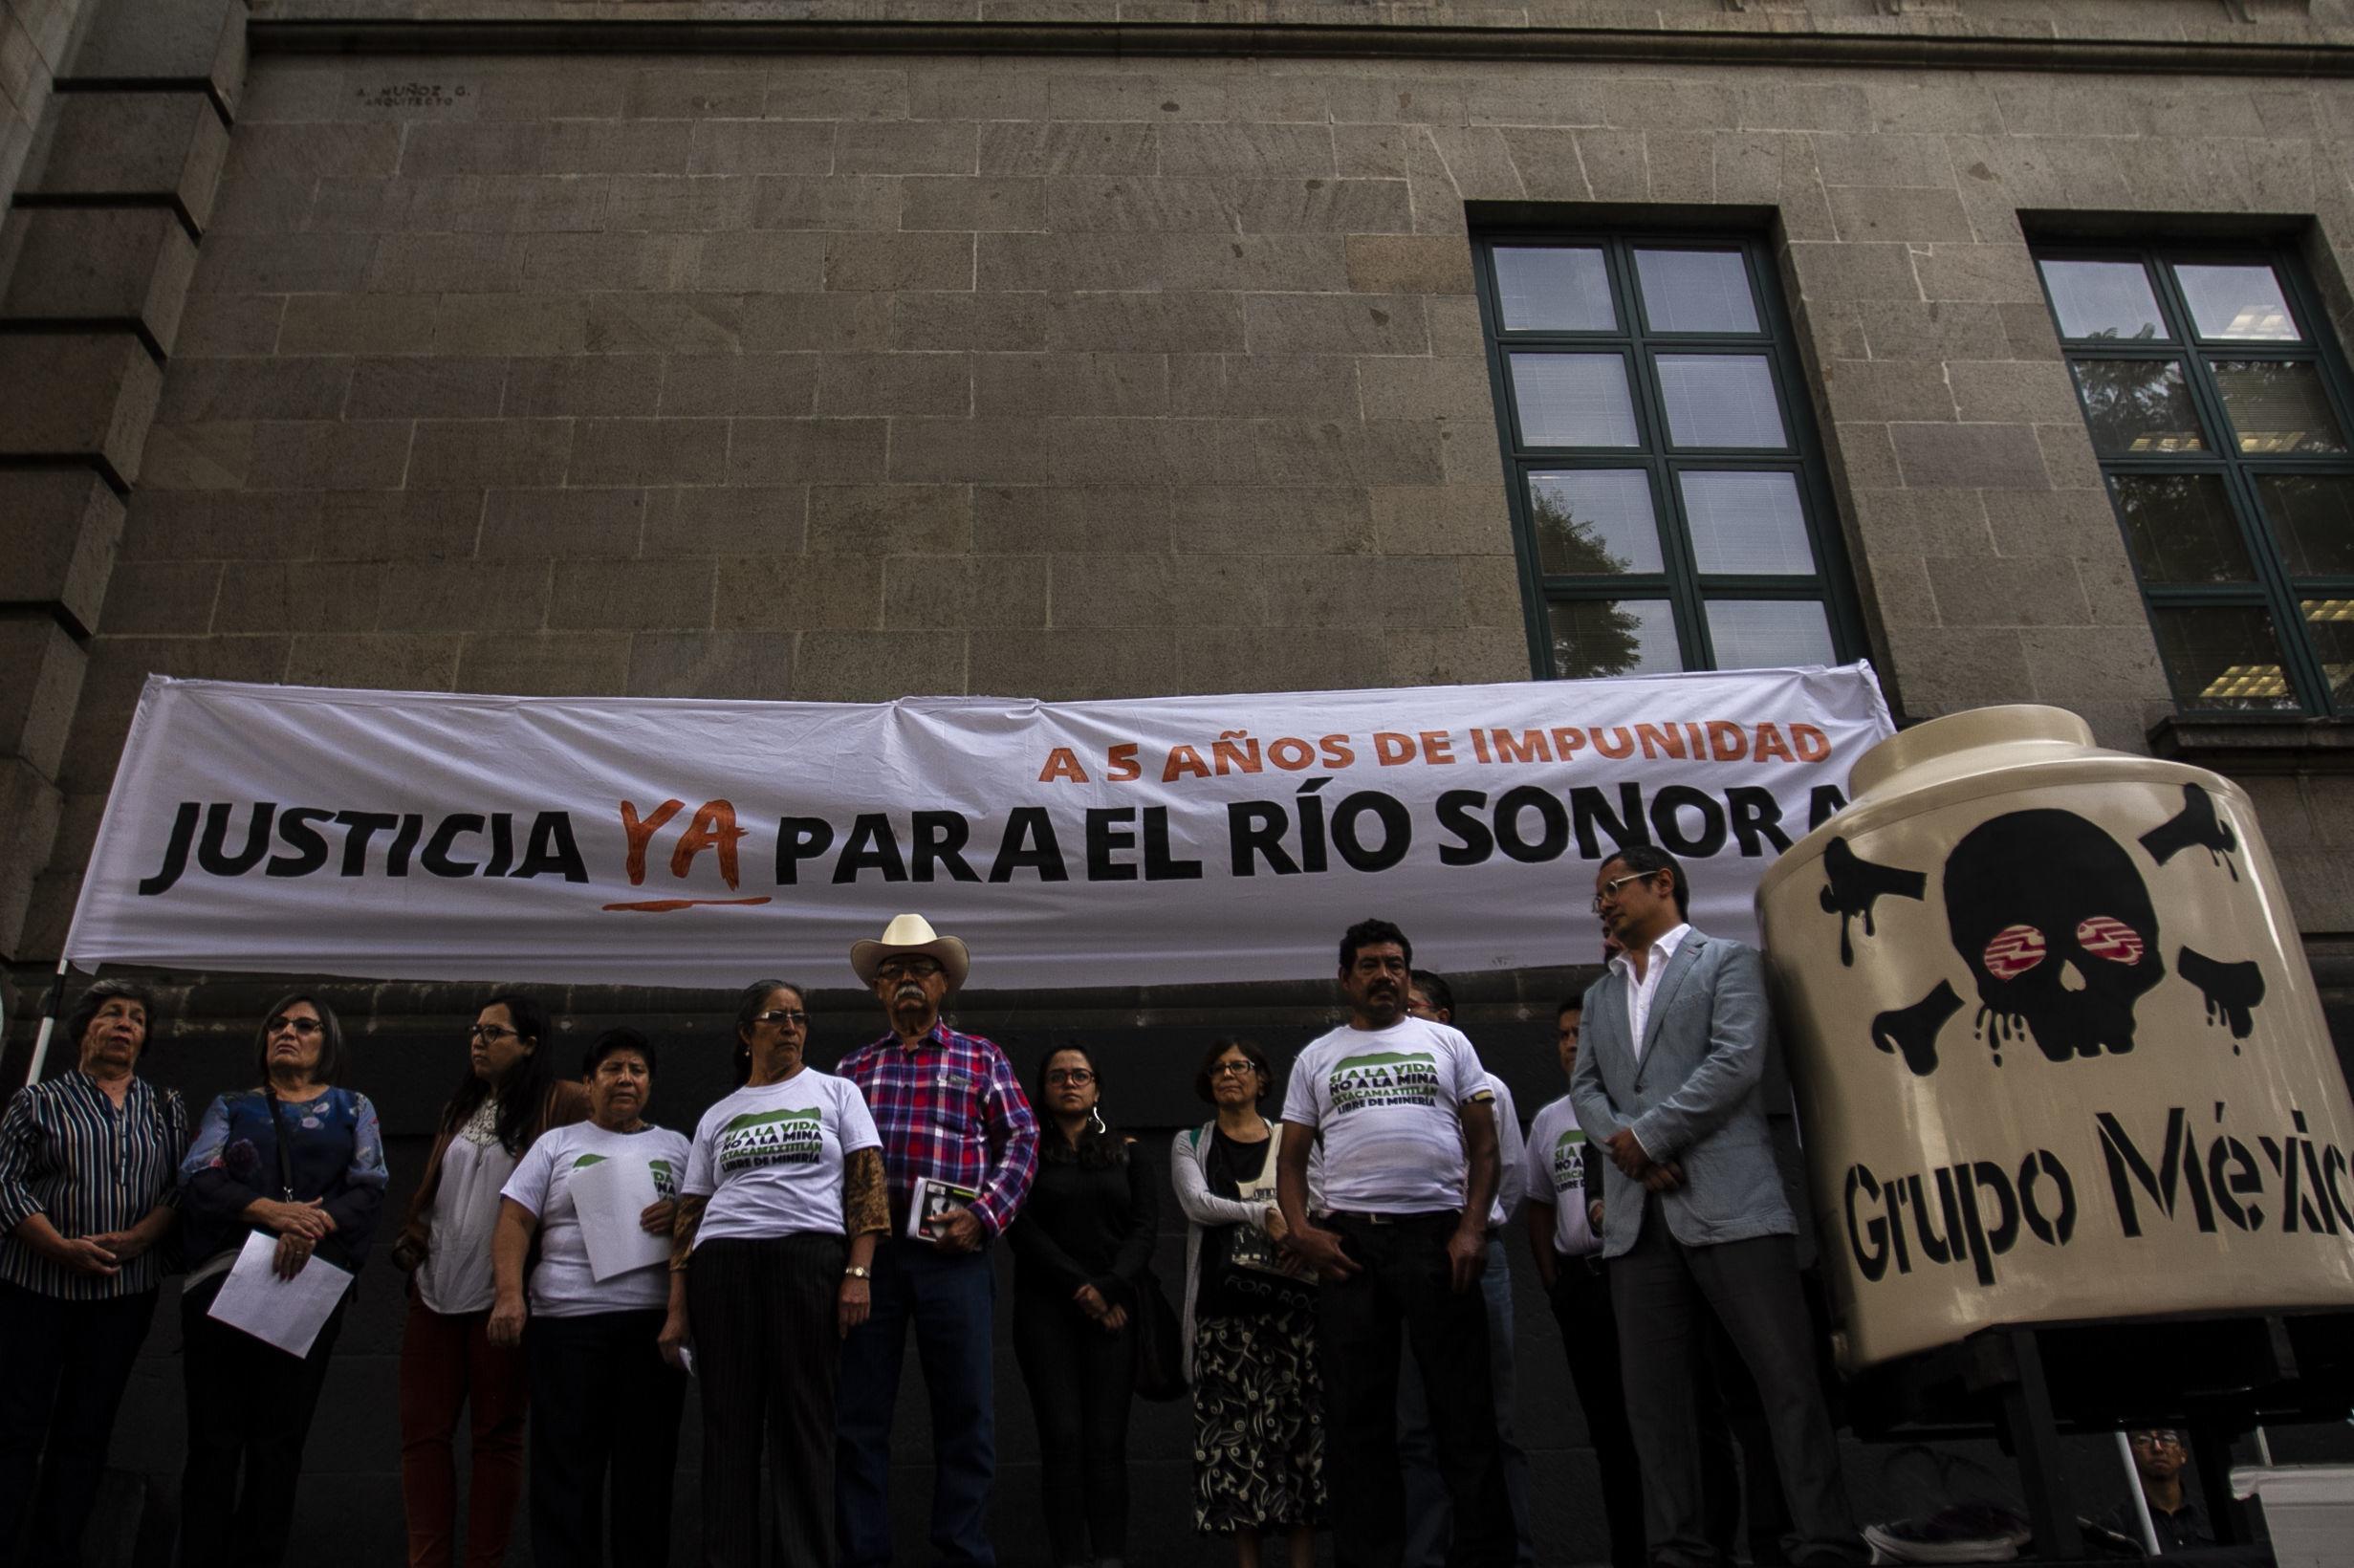 Mitin frente a la Suprema Corte de la Nación de comunidades afectadas en los ríos Sonora y Bacanuchi por lixiviados de la mina Buenavista del Cobre de Grupo México, el 6 de agosto del 2014